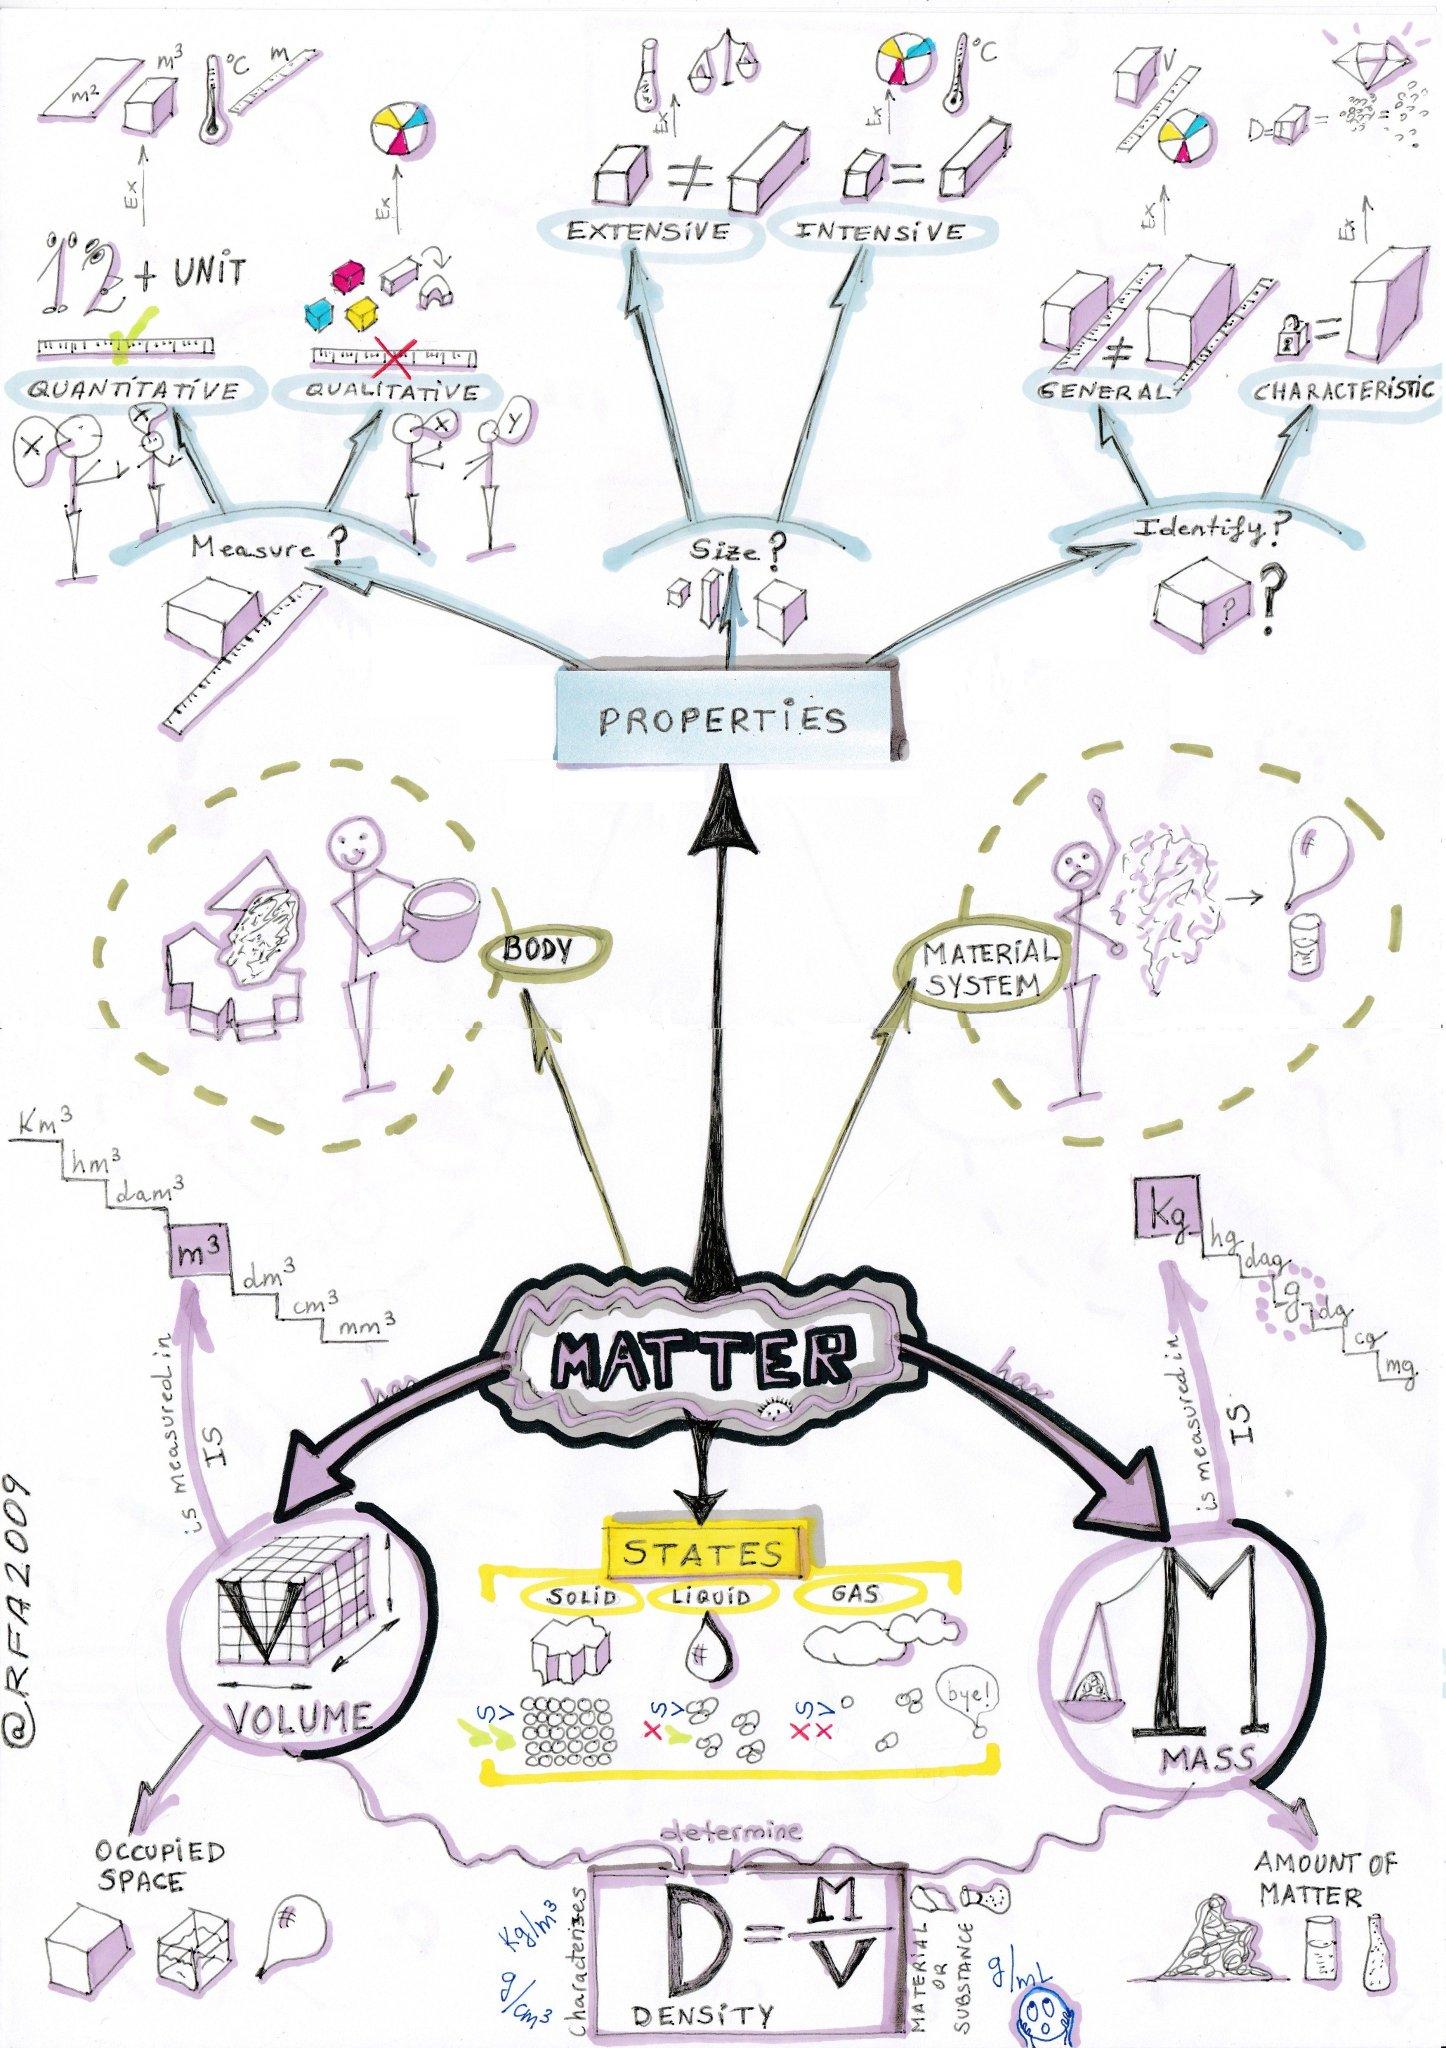 """#PensarVisual Comparto mi reto final: """"Materia"""" de Física y Química 2º ESO. Mañana se lo daré a mis alumnos :-) https://t.co/2VH1Q4Pve5"""